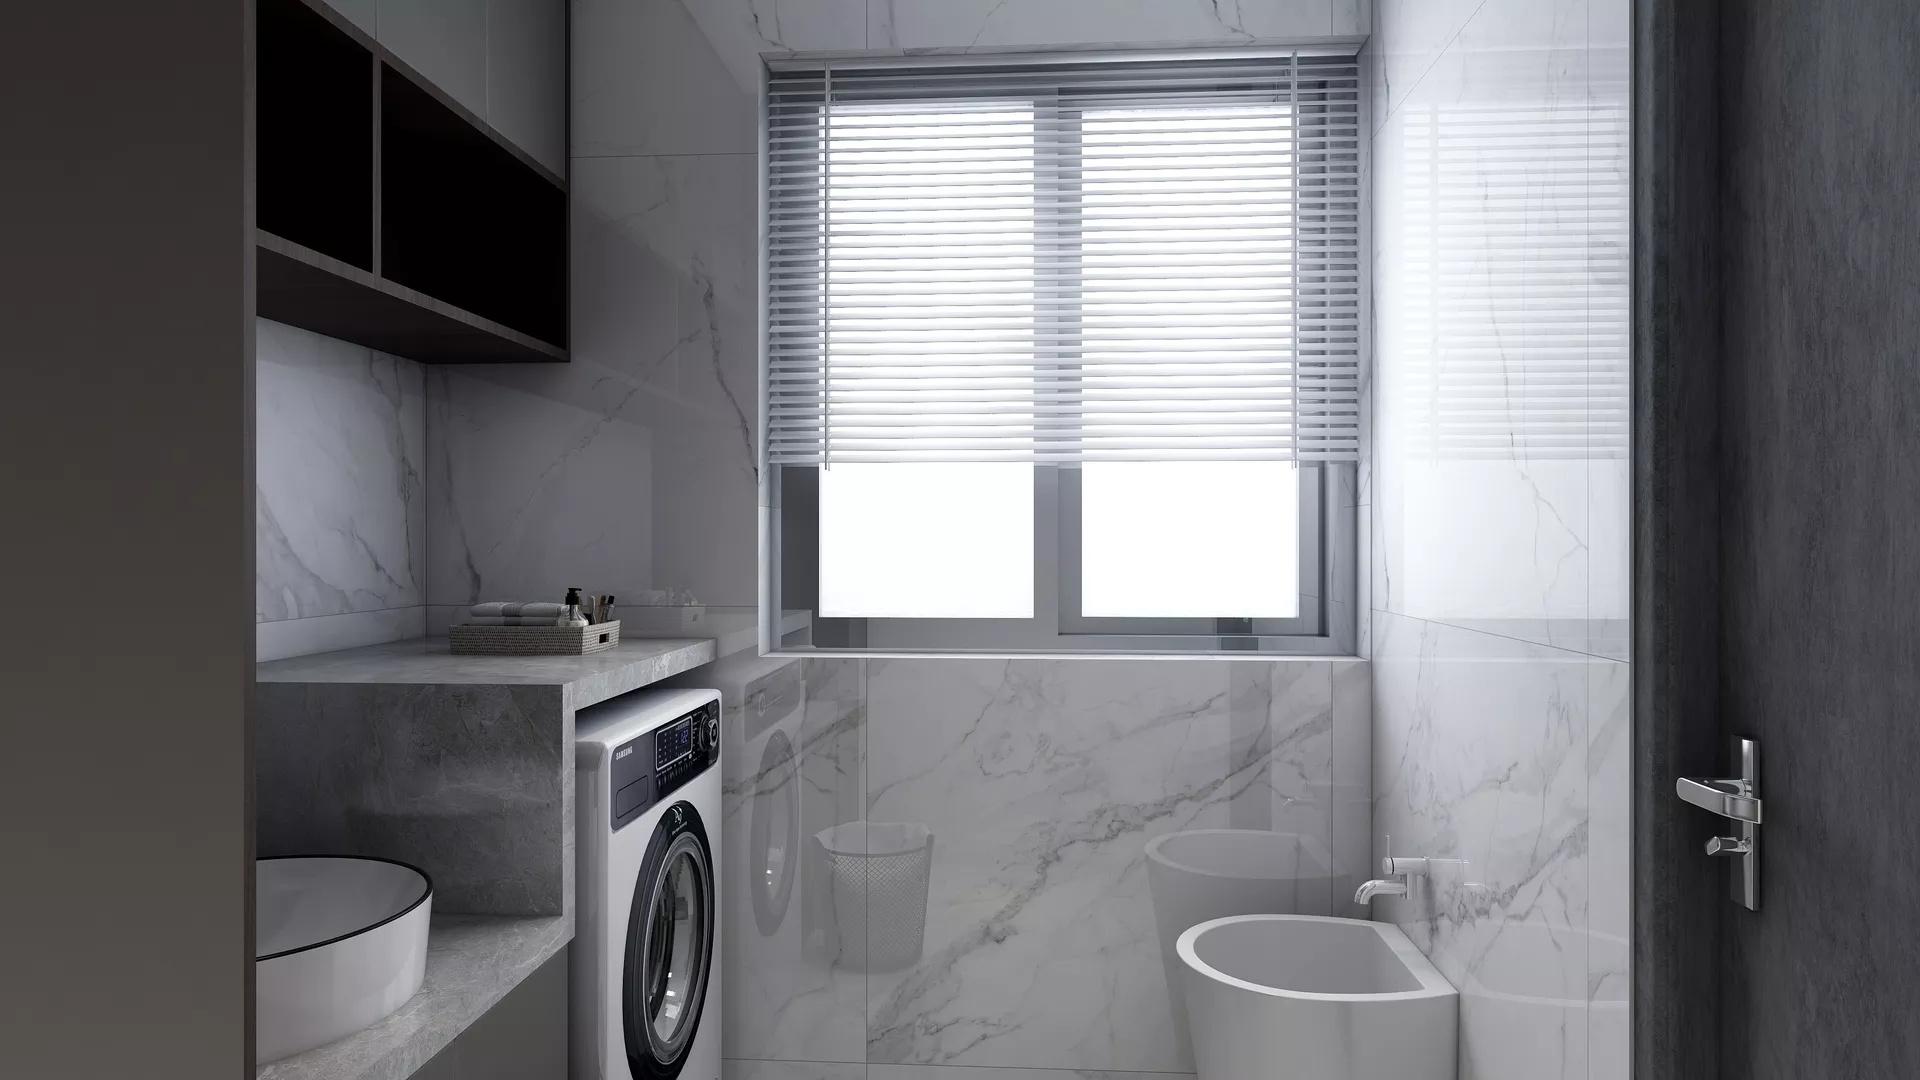 淋浴房为什么会漏水 淋浴房漏水怎么解决